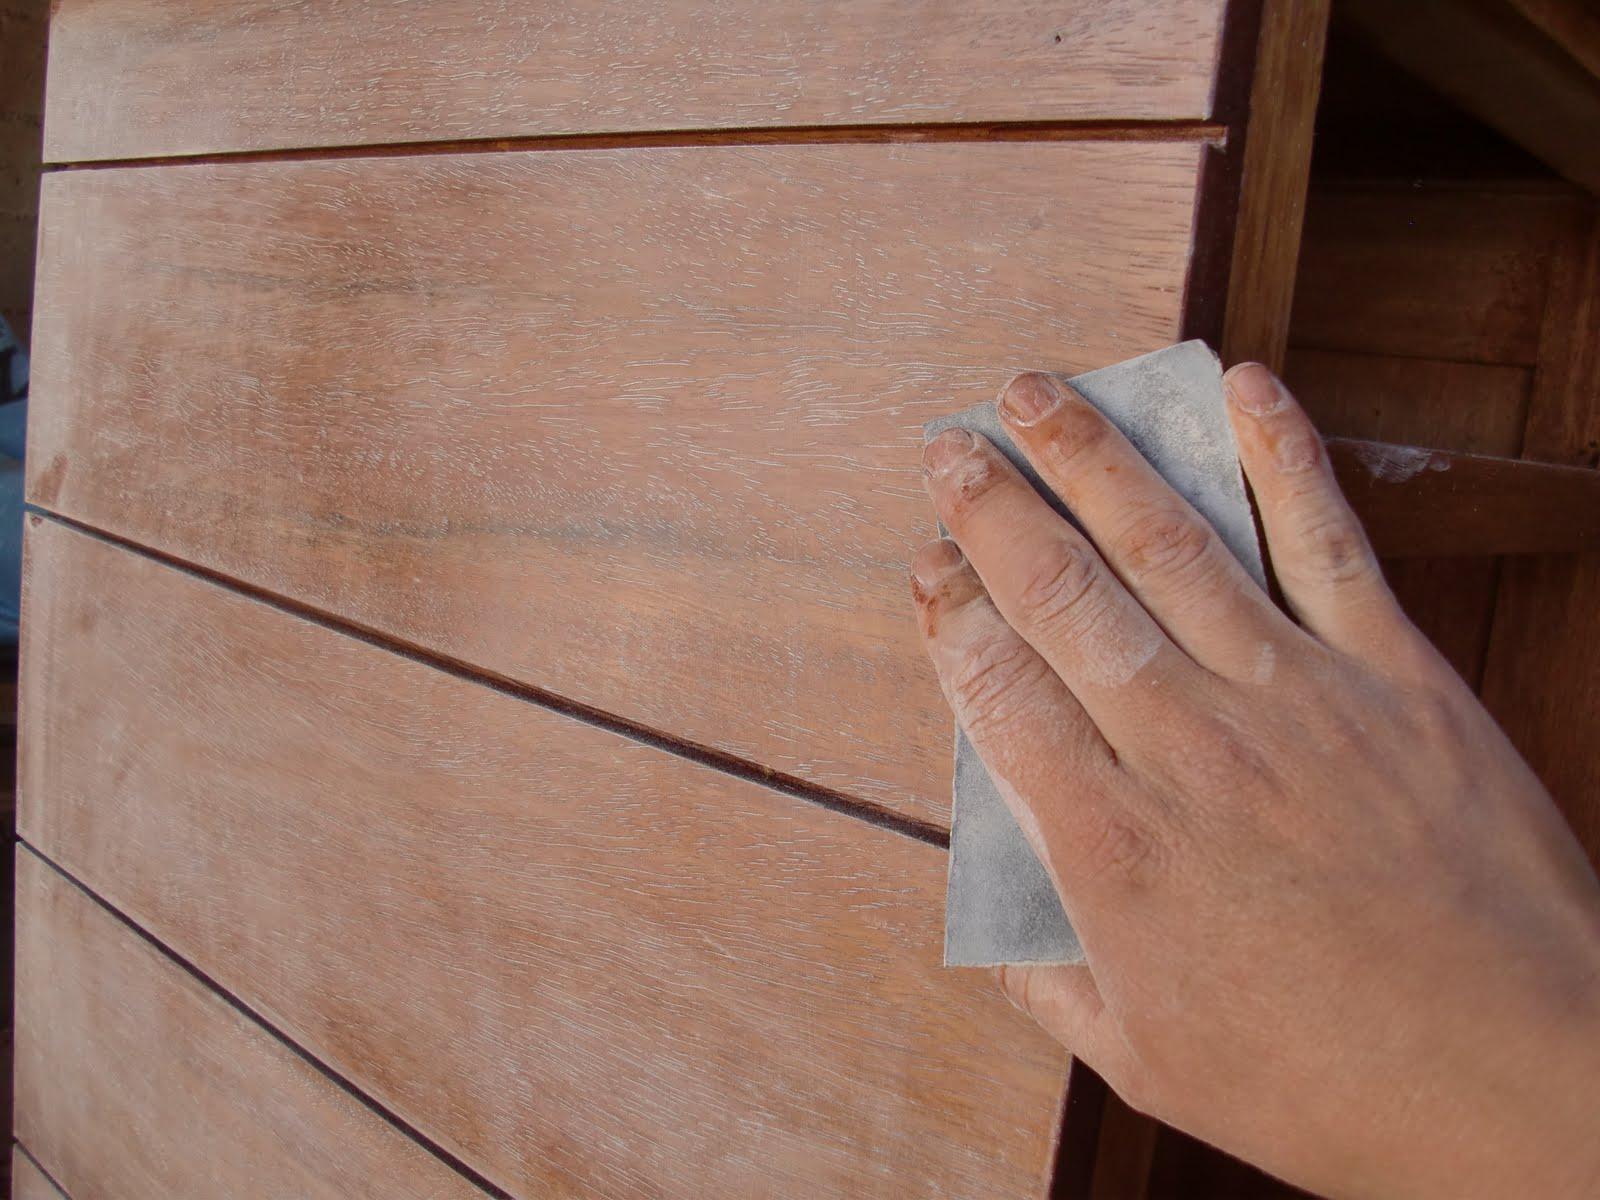 Pintar un mueble en blanco dise os arquitect nicos - Pintura para pintar muebles de madera ...